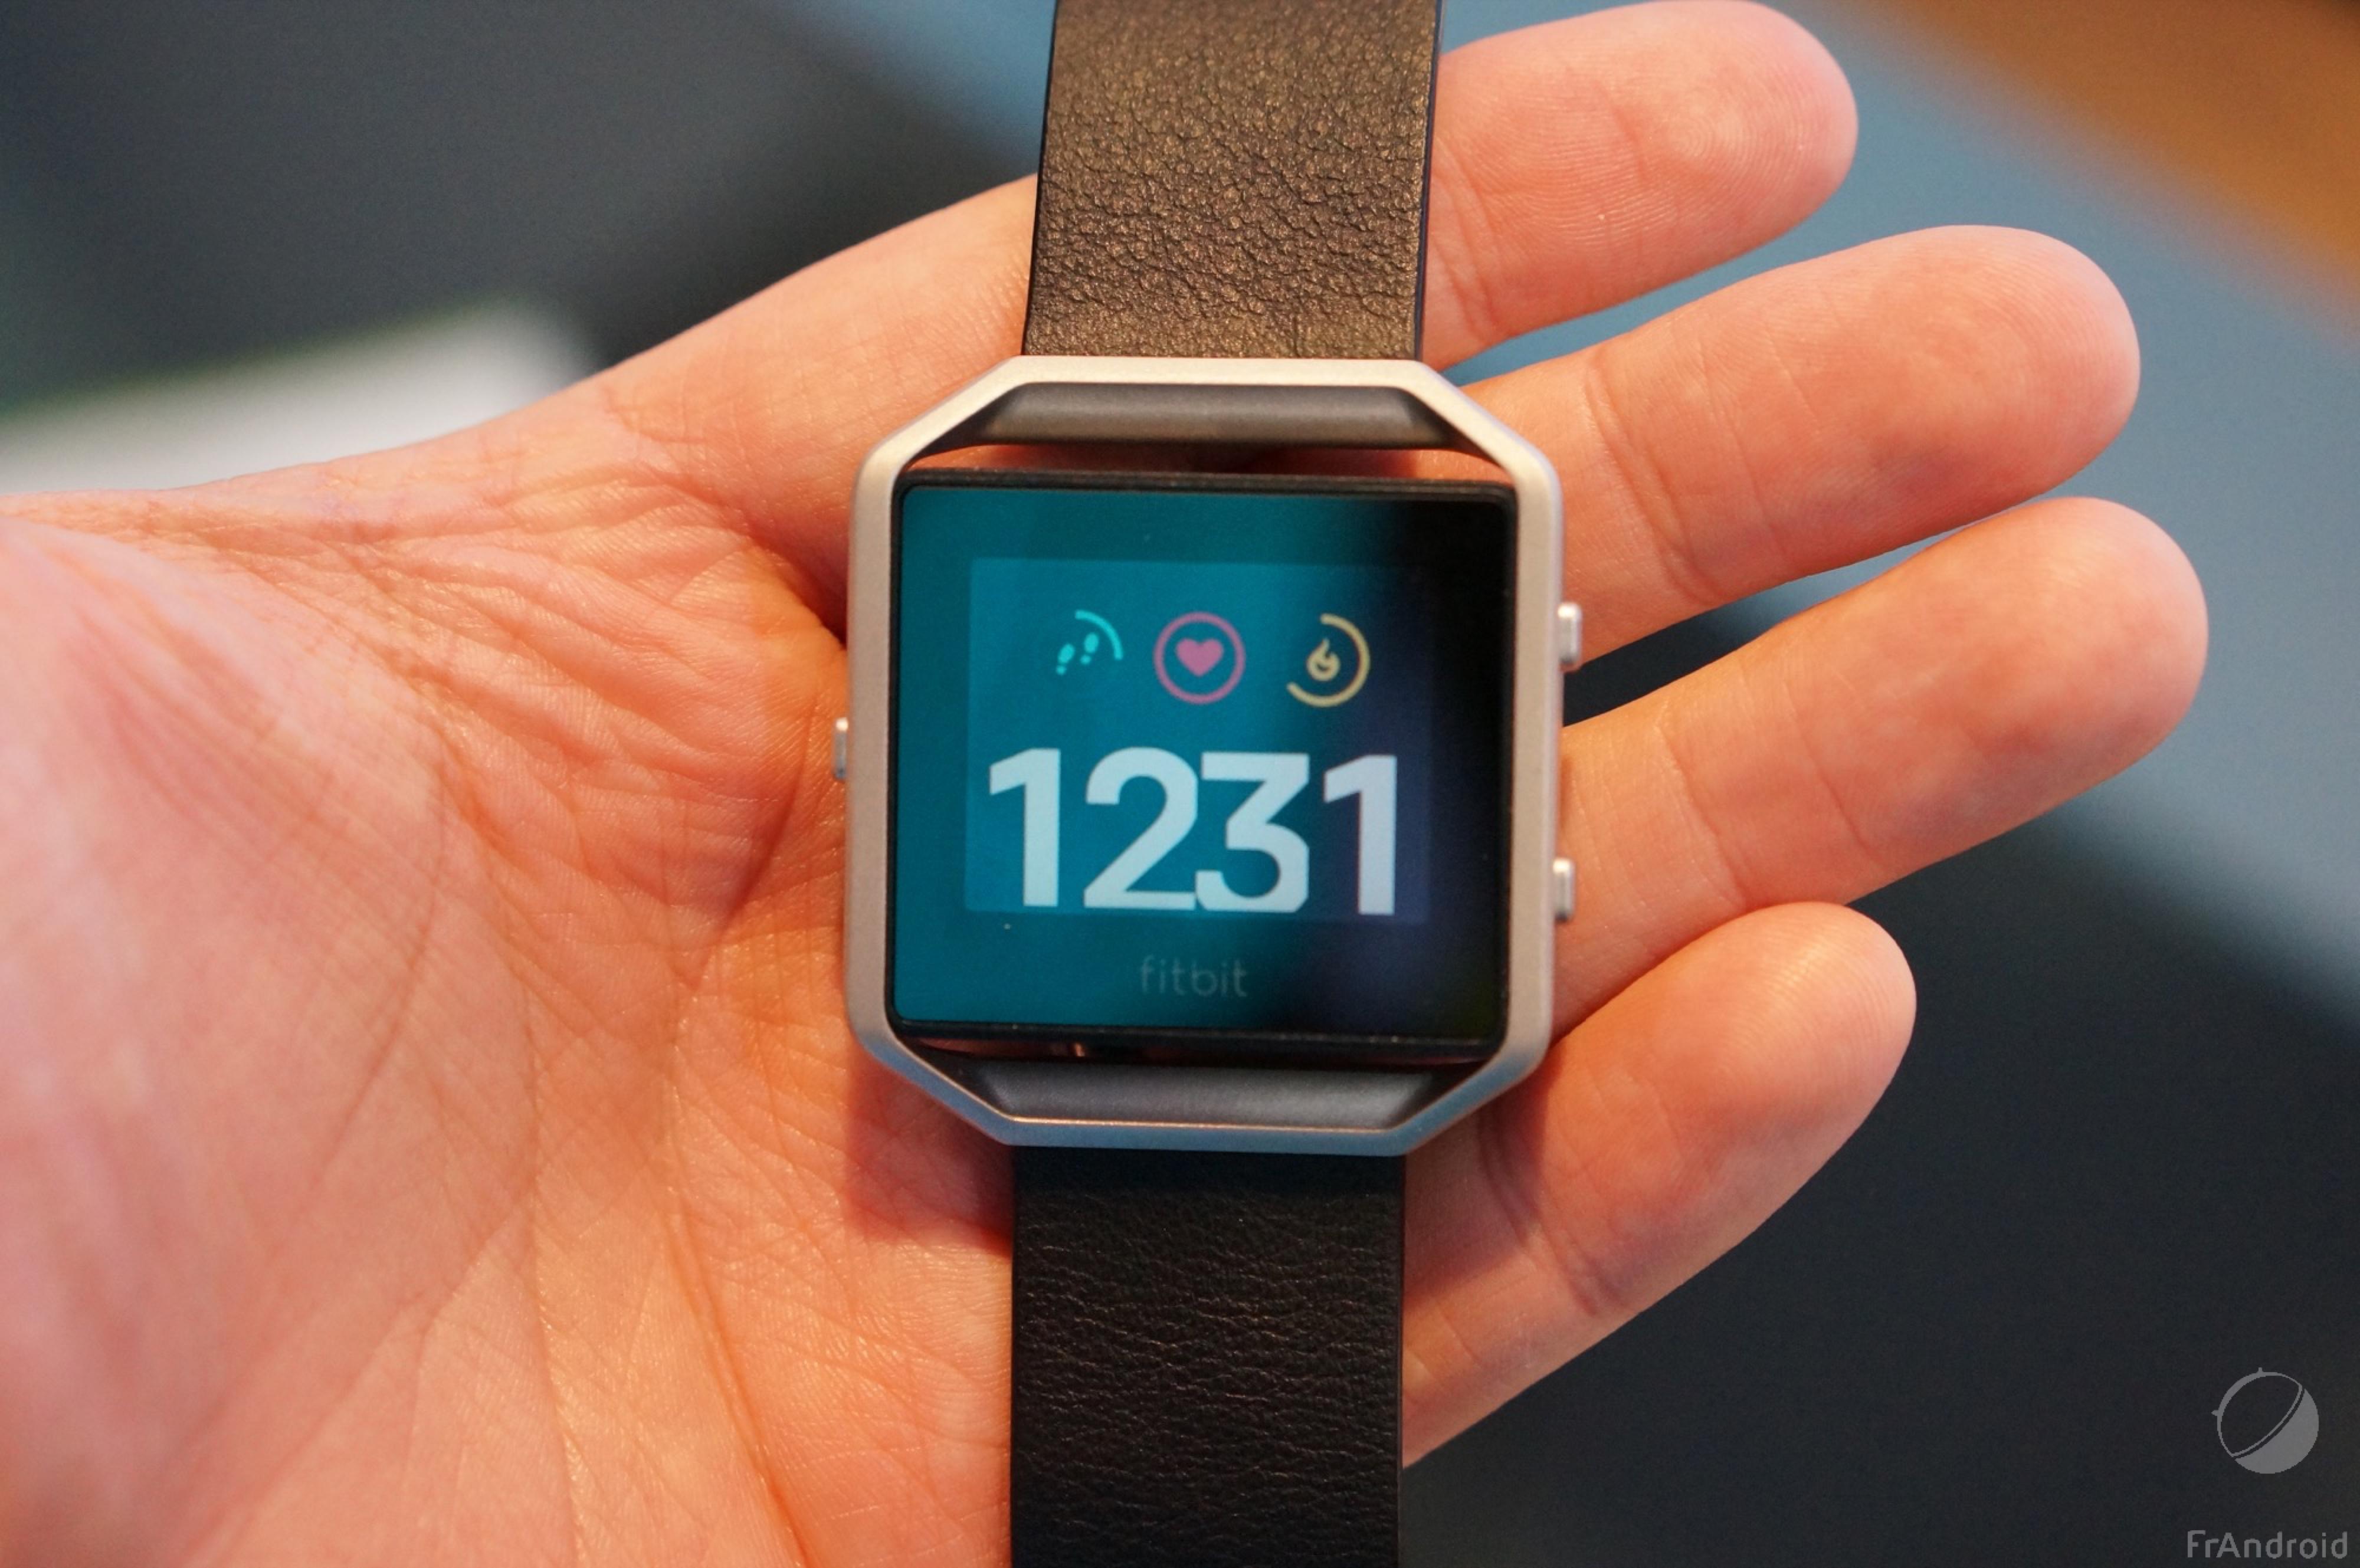 Prise en main de la Fitbit Blaze, en manque flagrant d'innovation